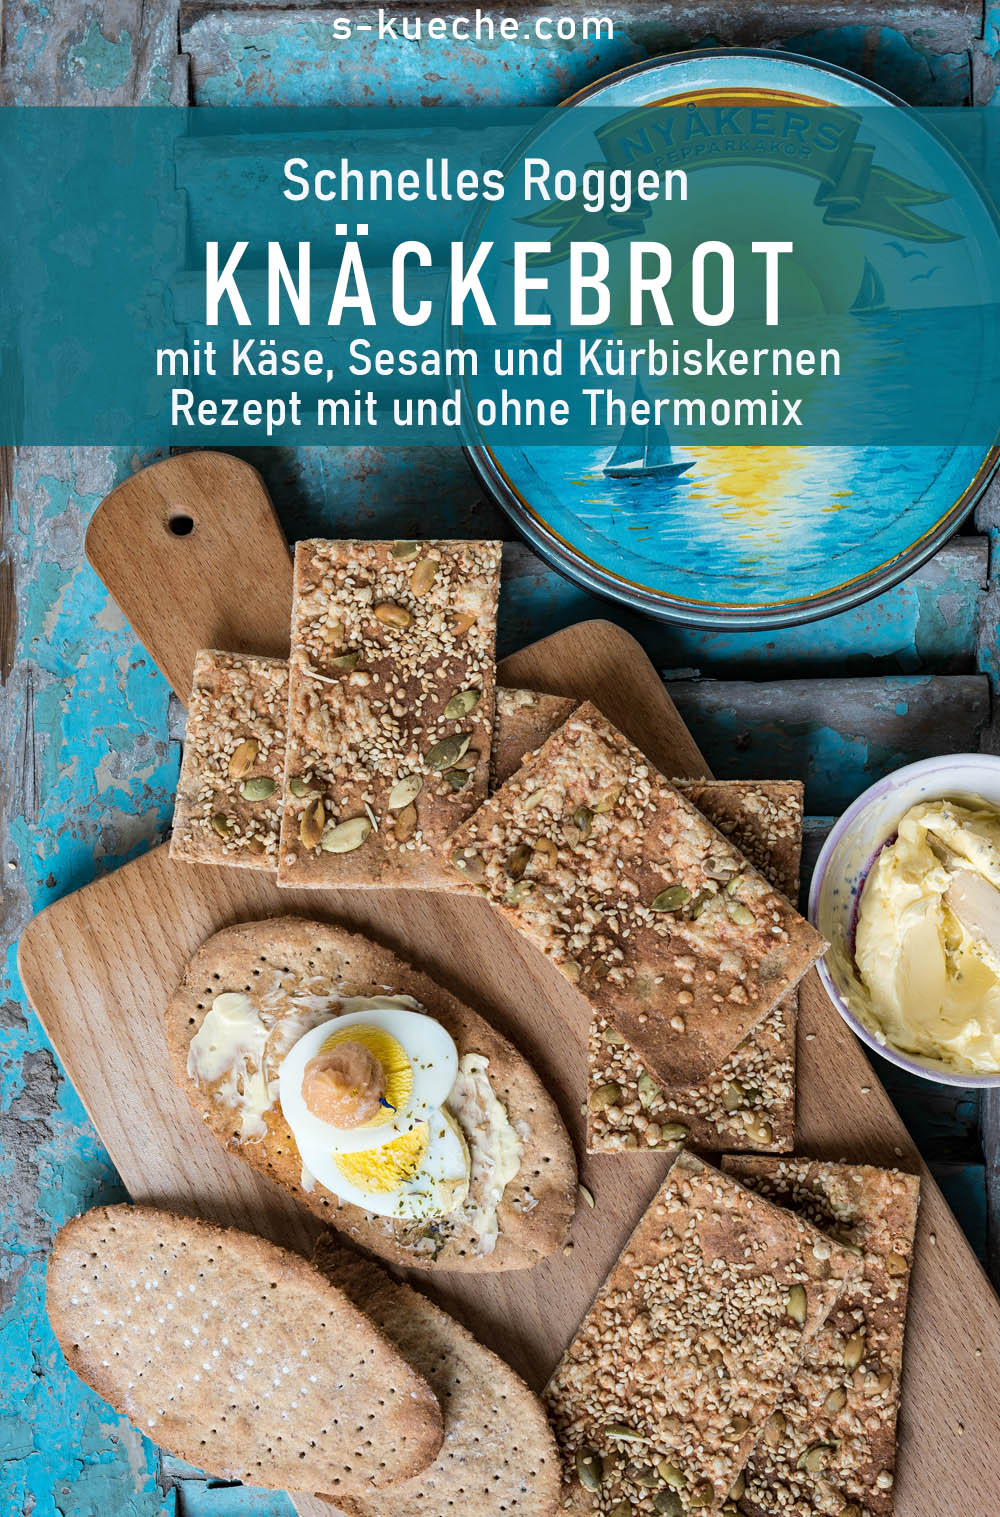 Rustikales Roggen-Knäckebrot mit Käse, Sesam und Kürbiskernen. Einfaches Rezept für das gesunde Brot, mit und ohne Thermomix. Schlank und vollwertig. #knäckebrot #roggen #schweden #rezept